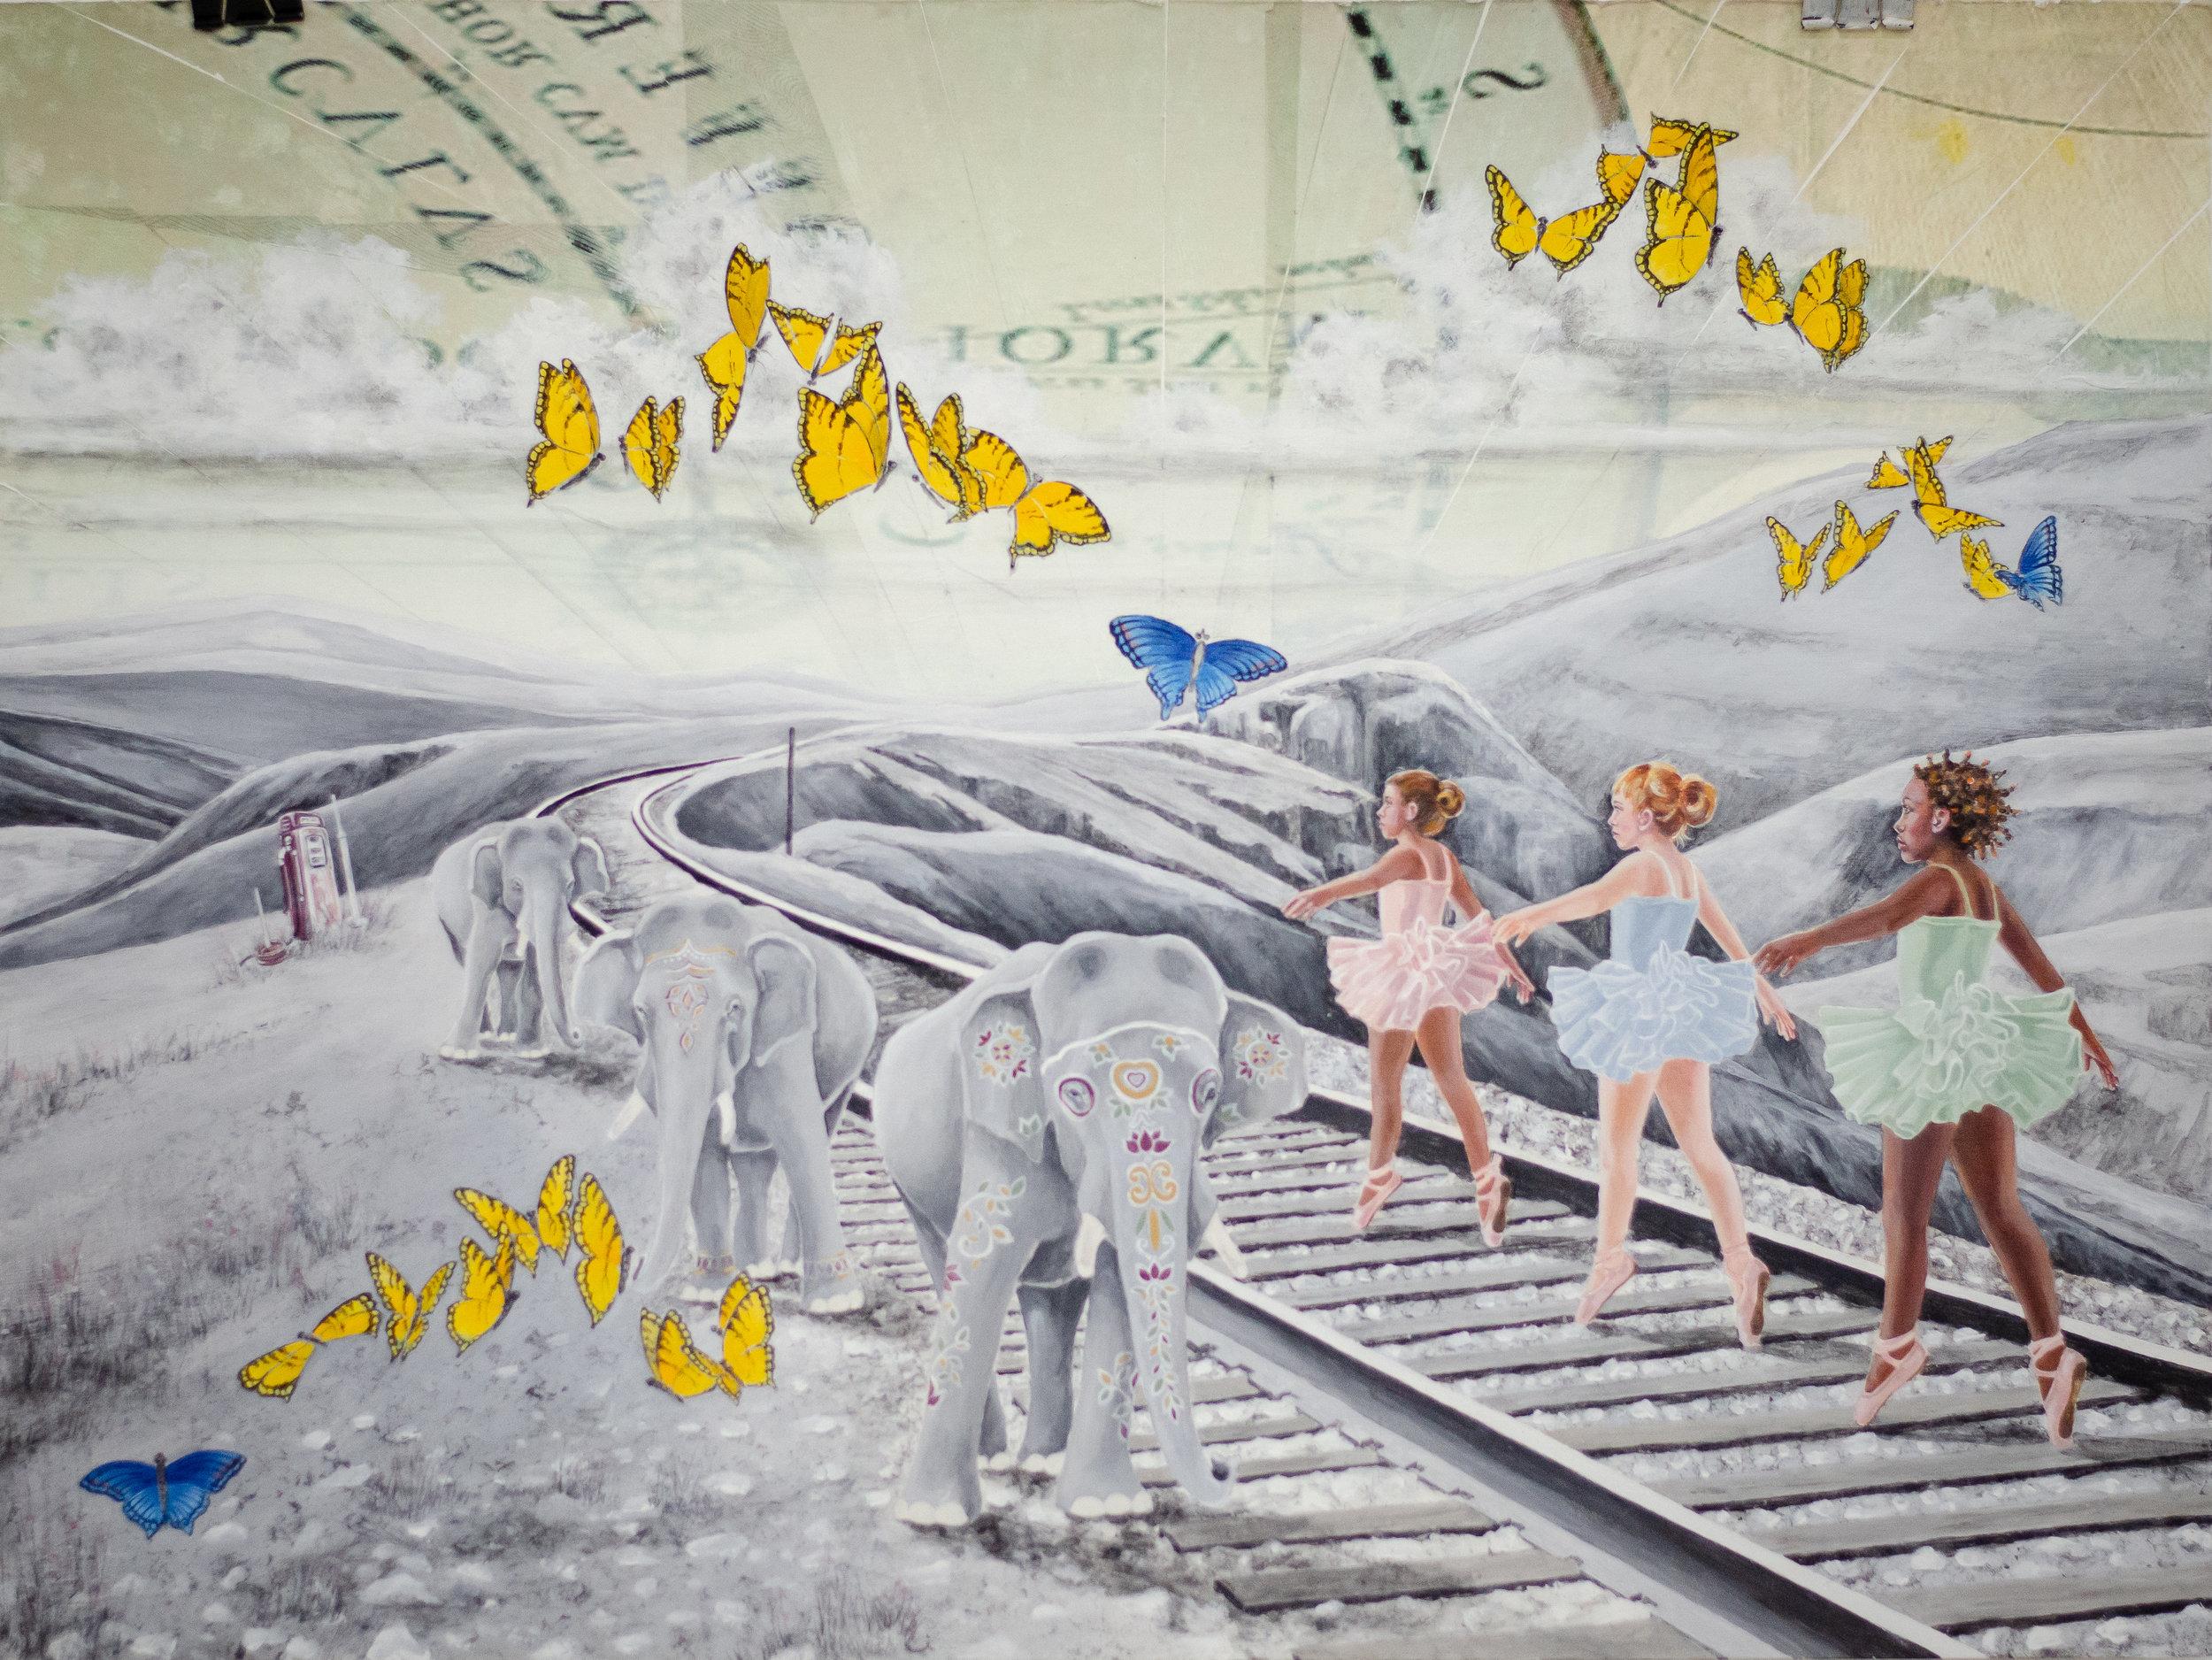 Painting by Lauren Bergman